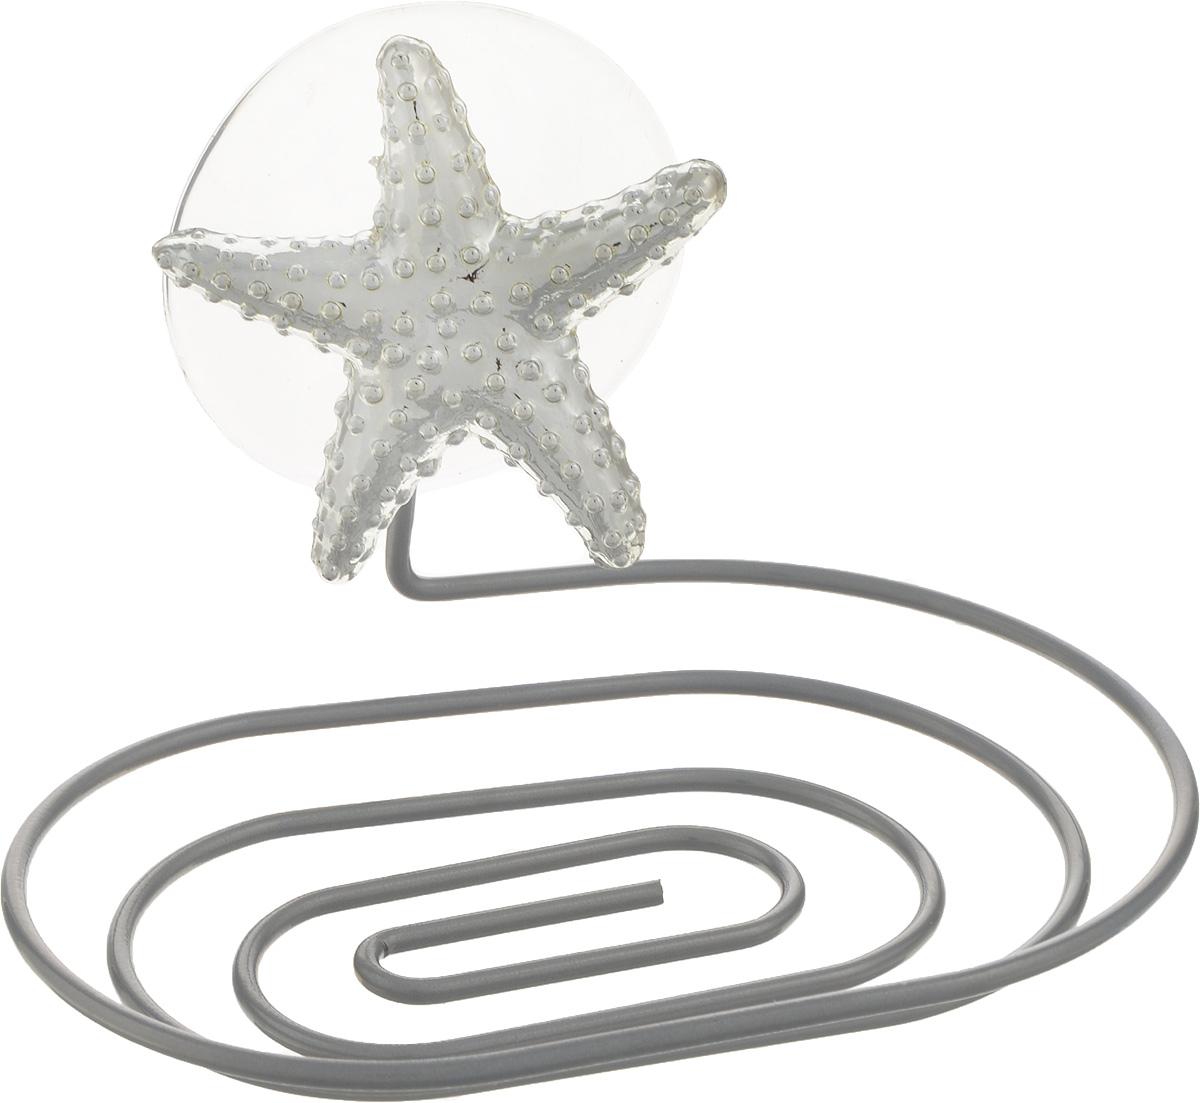 Мыльница Fresh Code Море. Звезда, на присоске, цвет: серебристый, 14 х 10 х 5,5 см56444Мыльница Fresh Code Море. Звезда выполнена из хромированной стали и украшена пластиковой фигуркой морской звезды. Изделие крепится к стене при помощи присоски. Такая мыльница прекрасно подойдет для ванной комнаты или кухни.Диаметр: 14 х 10 х 5,5 см.